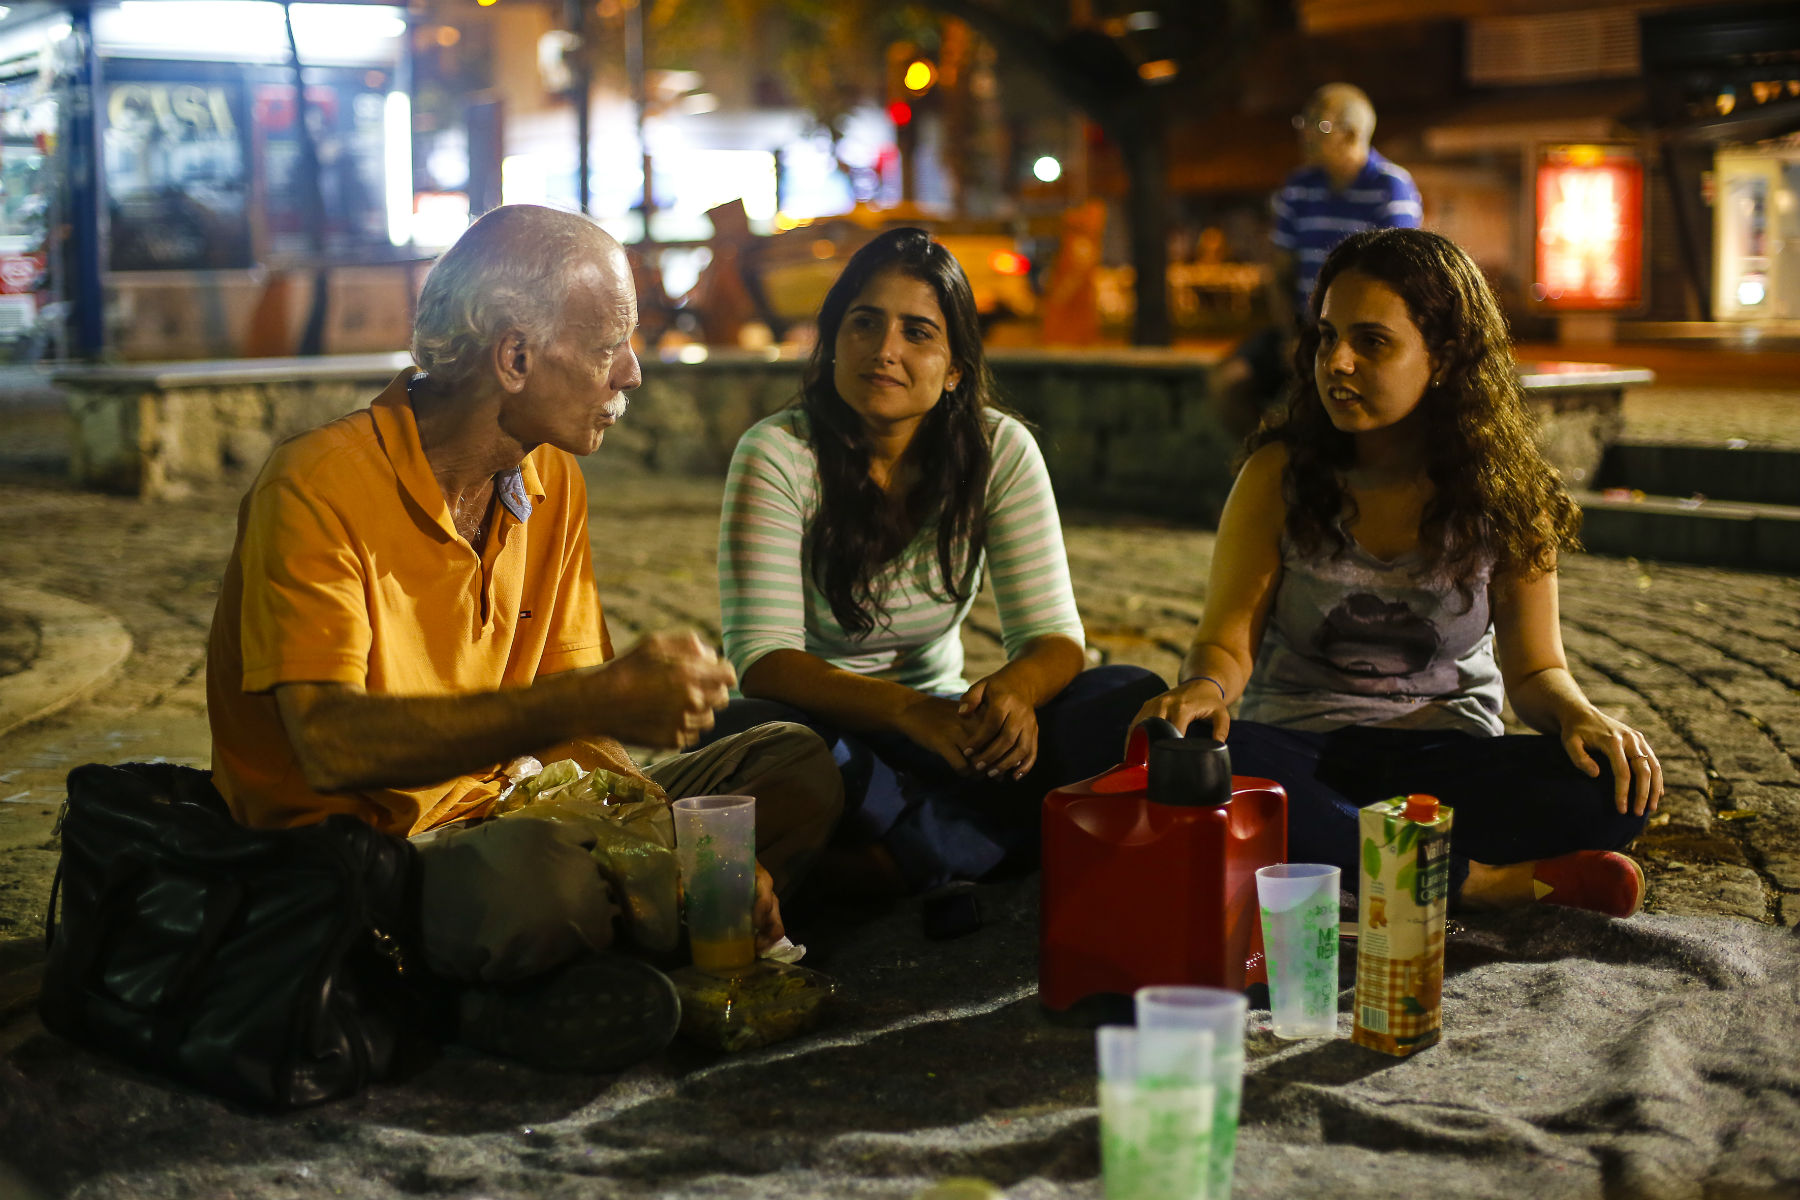 ONG Projeto Ruas. Foto de Vivian Fernandez